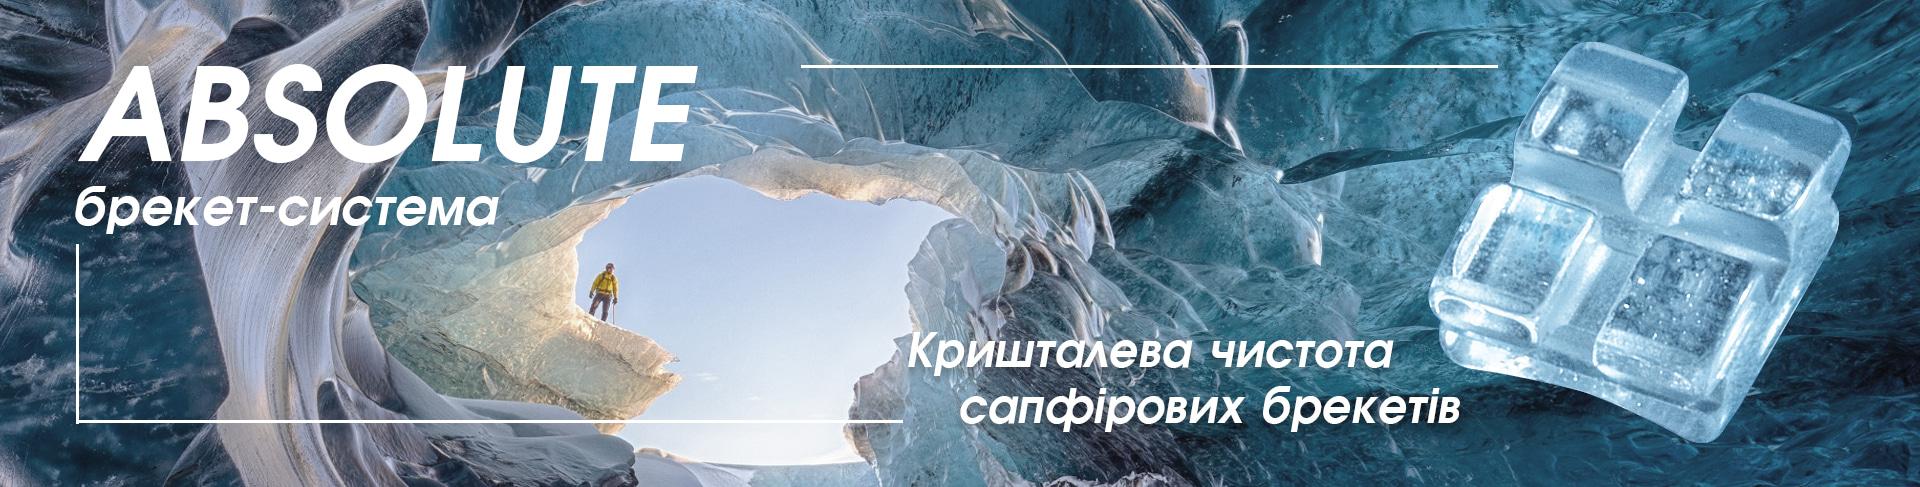 sapfir_slide2-min